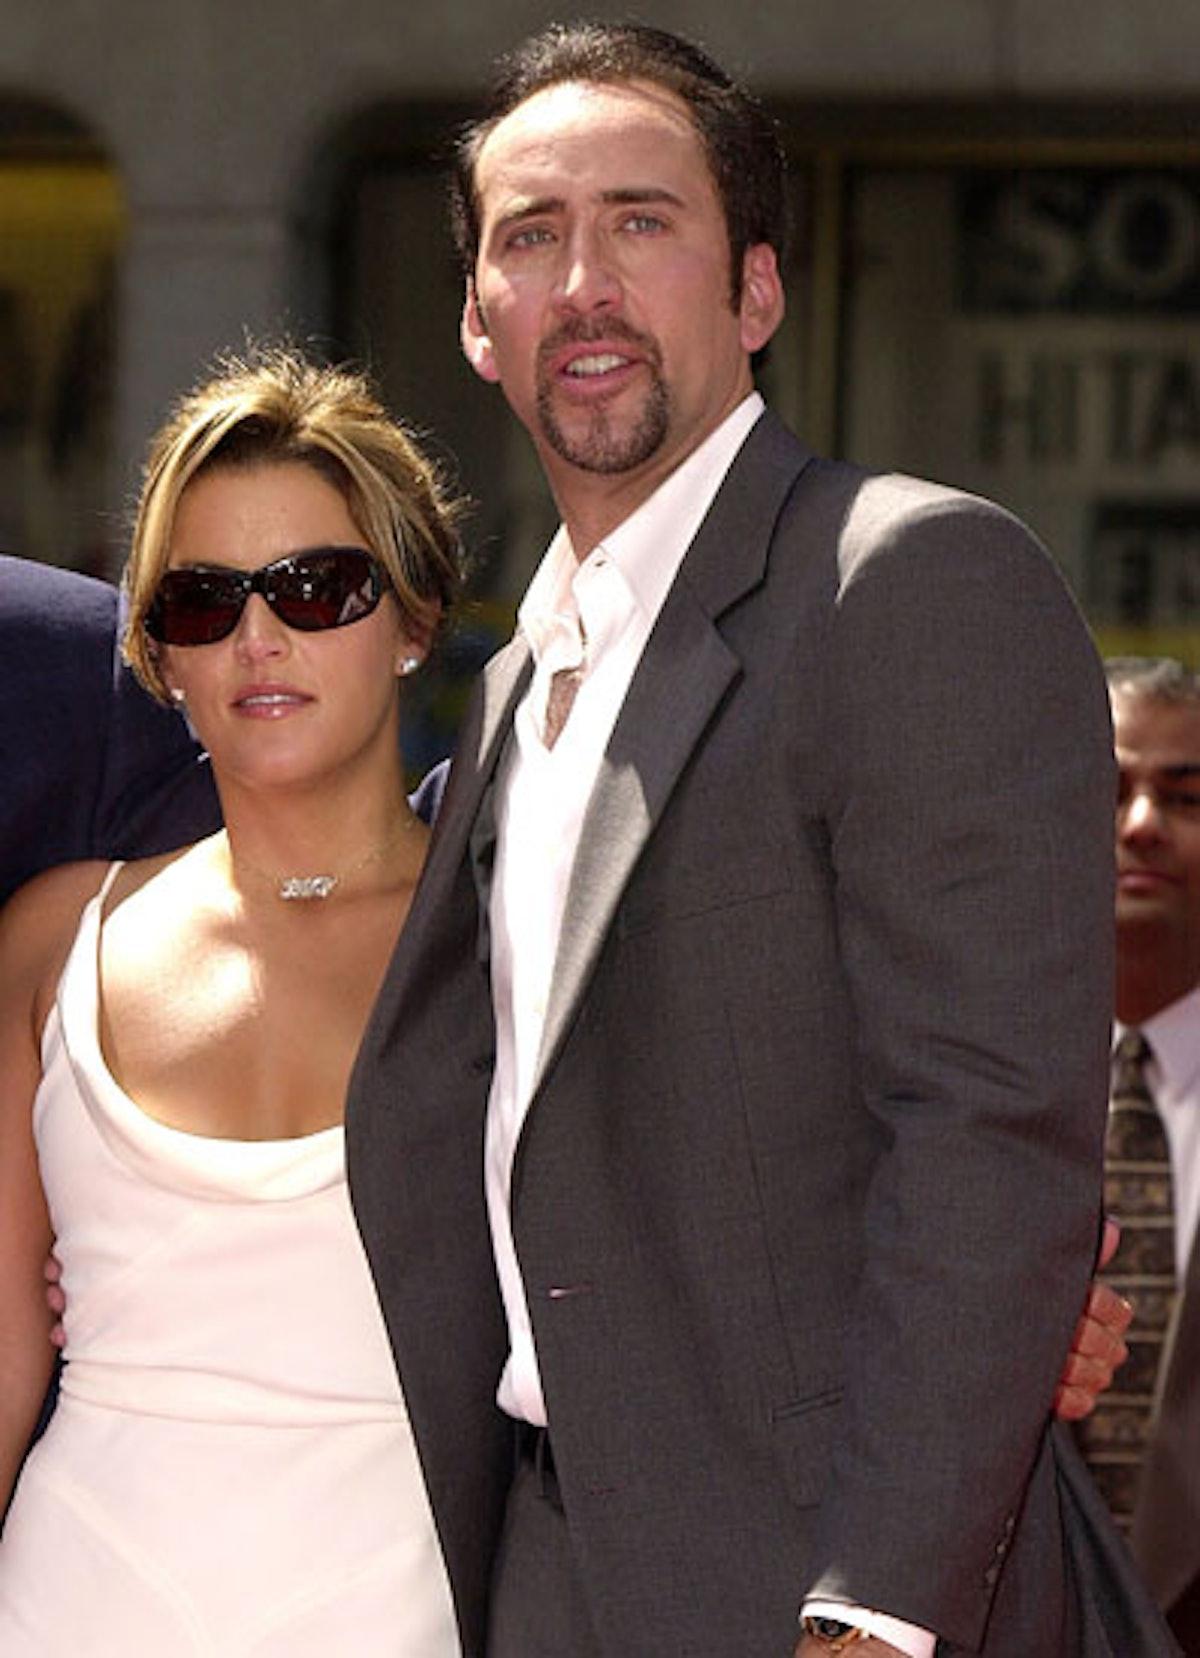 cess-shortest-celebrity-weddings-10-v.jpg